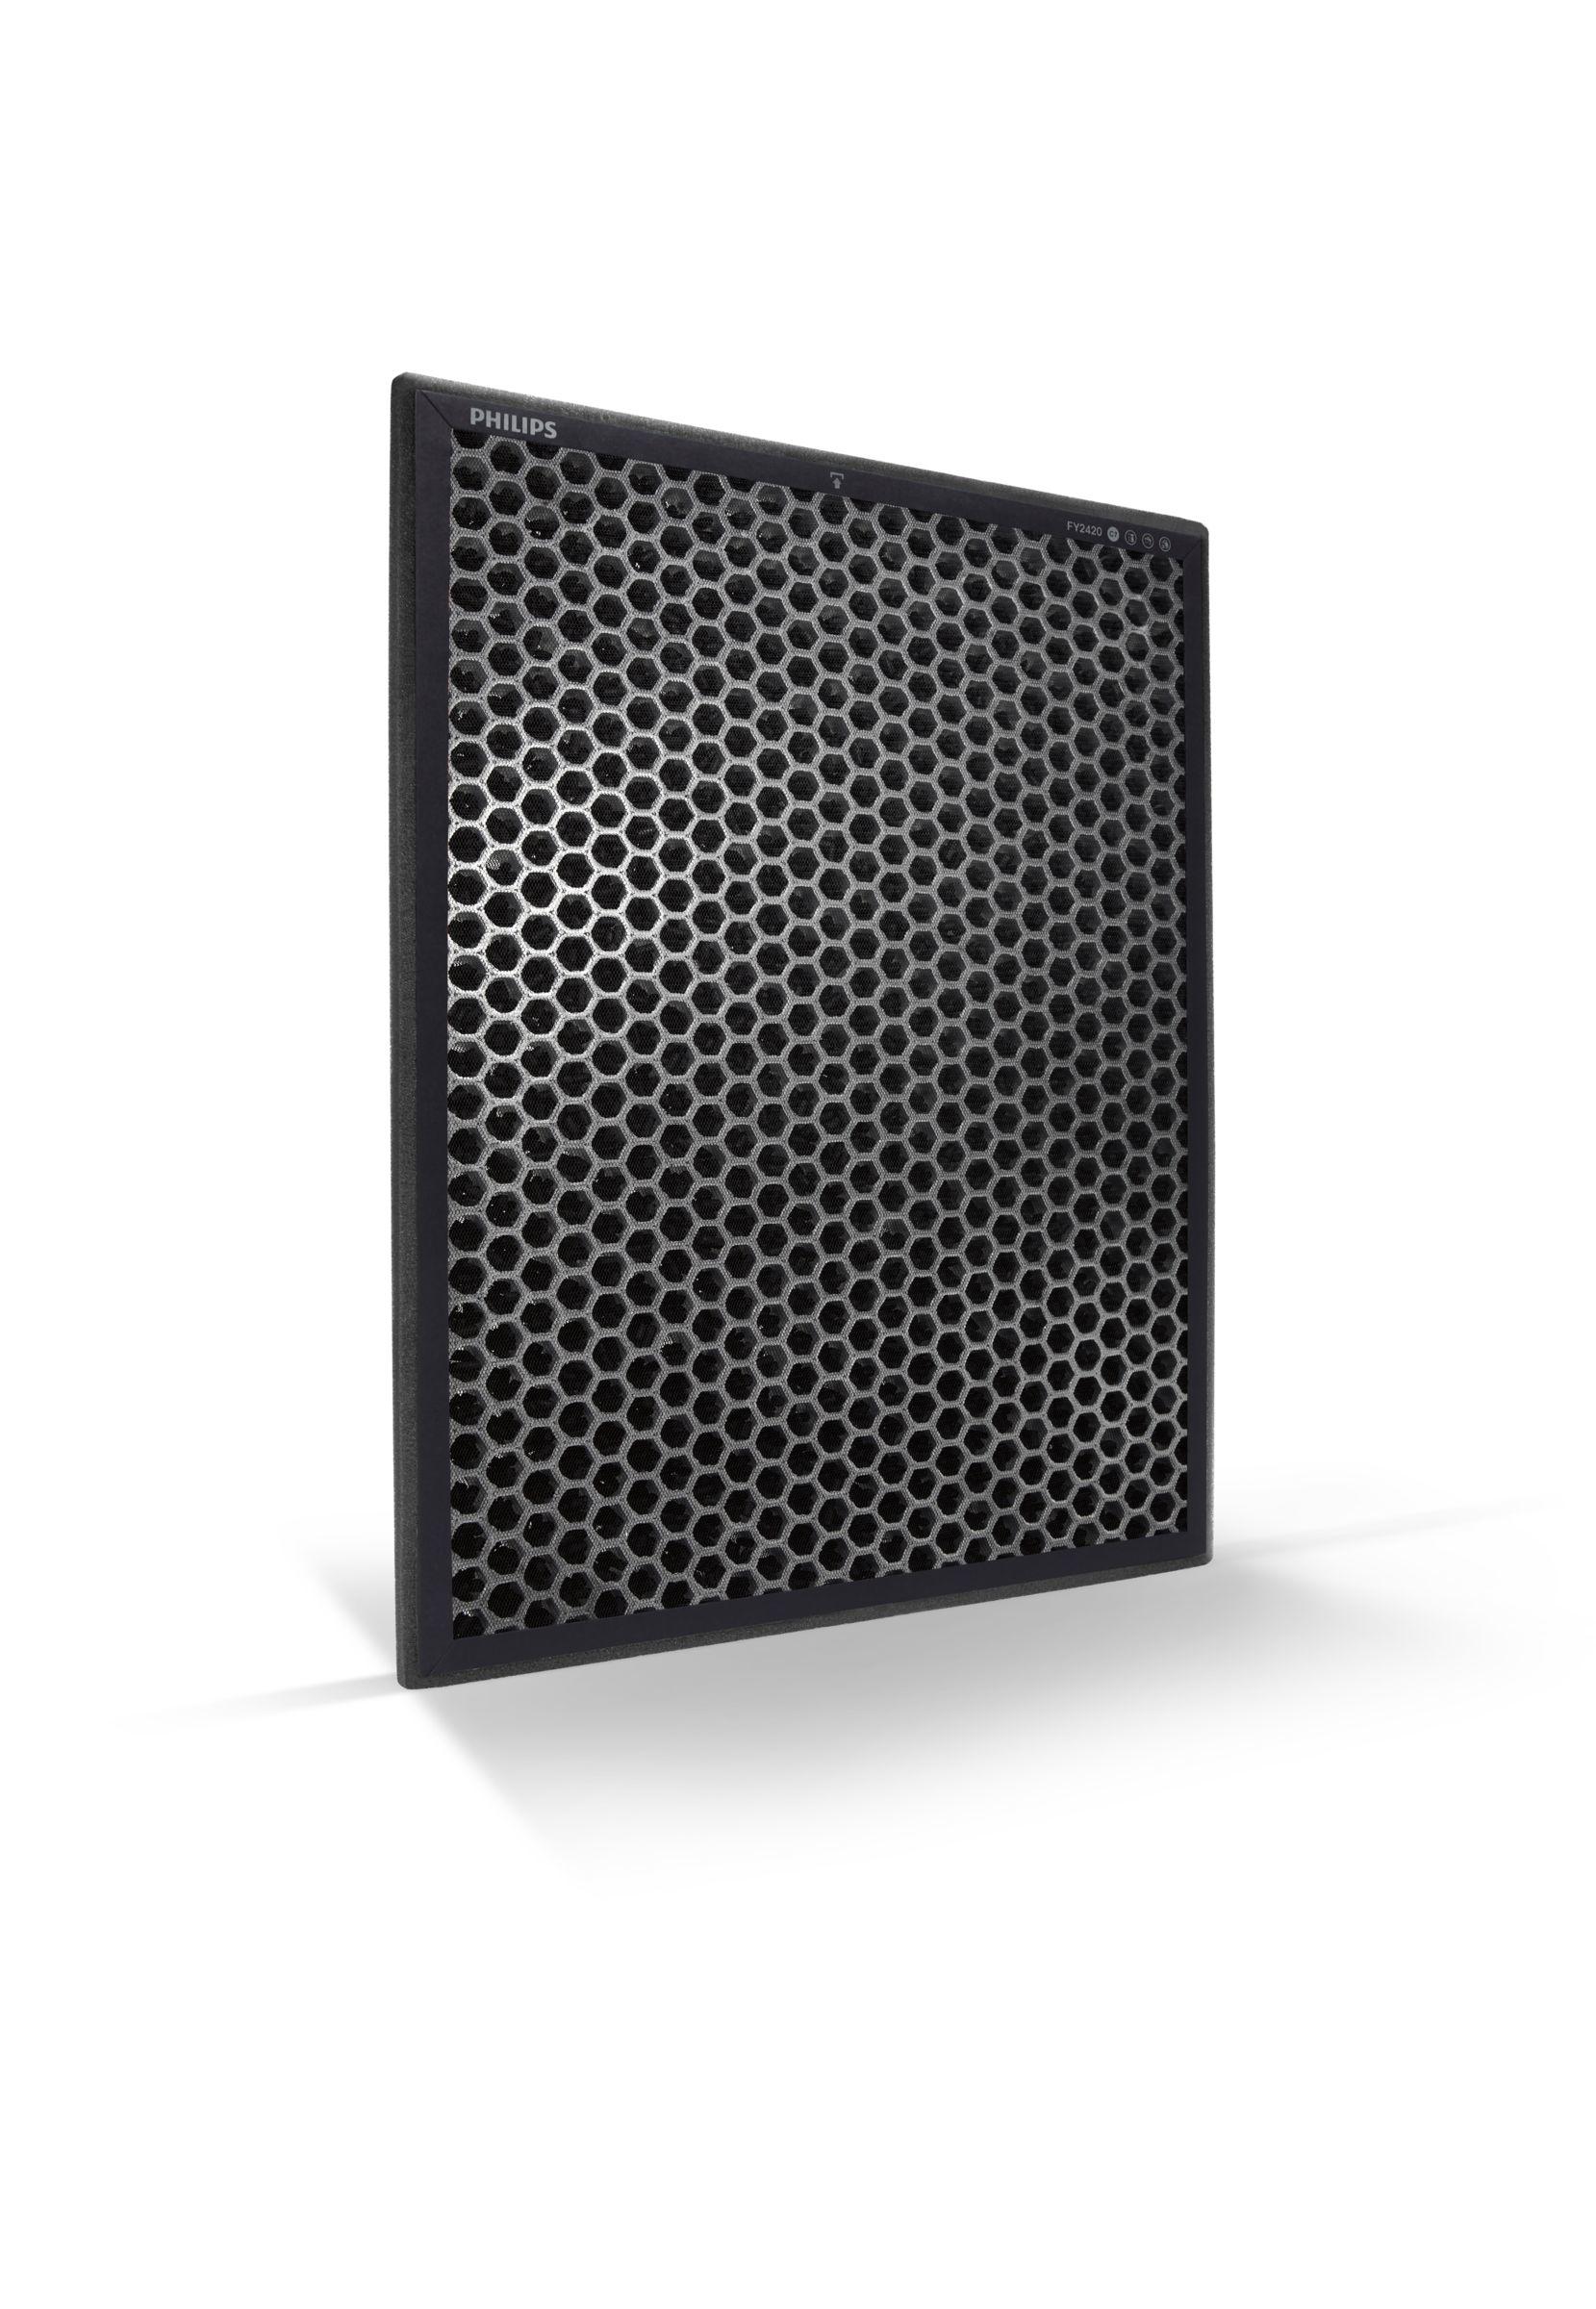 Philips Aktivkohlefilter FY2420/30 für 41,96 Euro